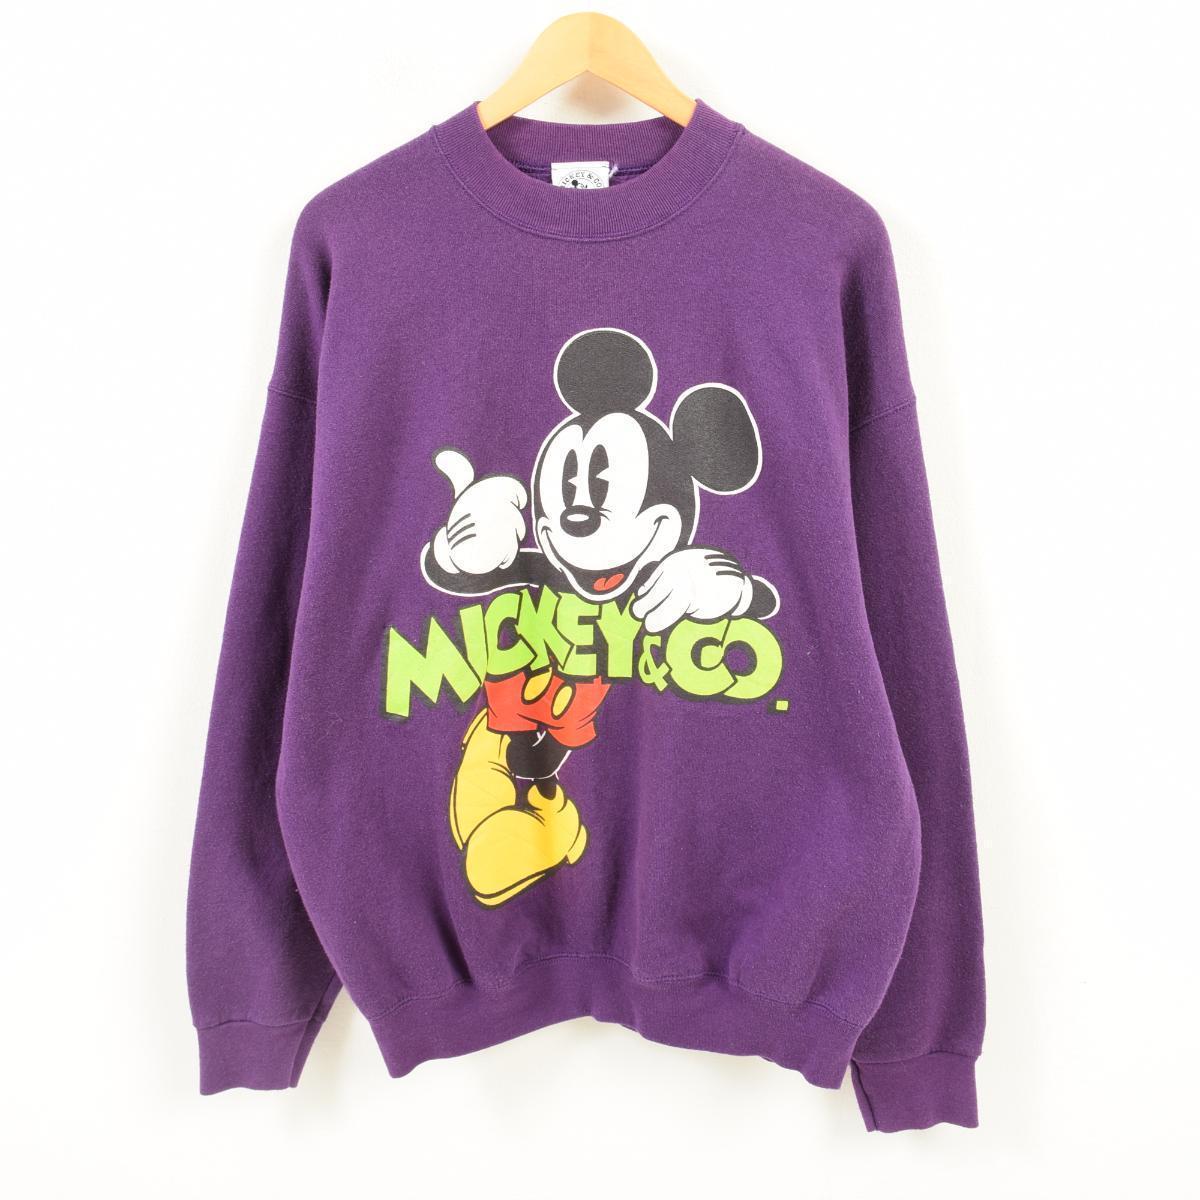 MICKEY&CO. MICKEY MOUSE ミッキーマウス キャラクタースウェットシャツ トレーナー フリーサイズ /war3201 【中古】 【180330】